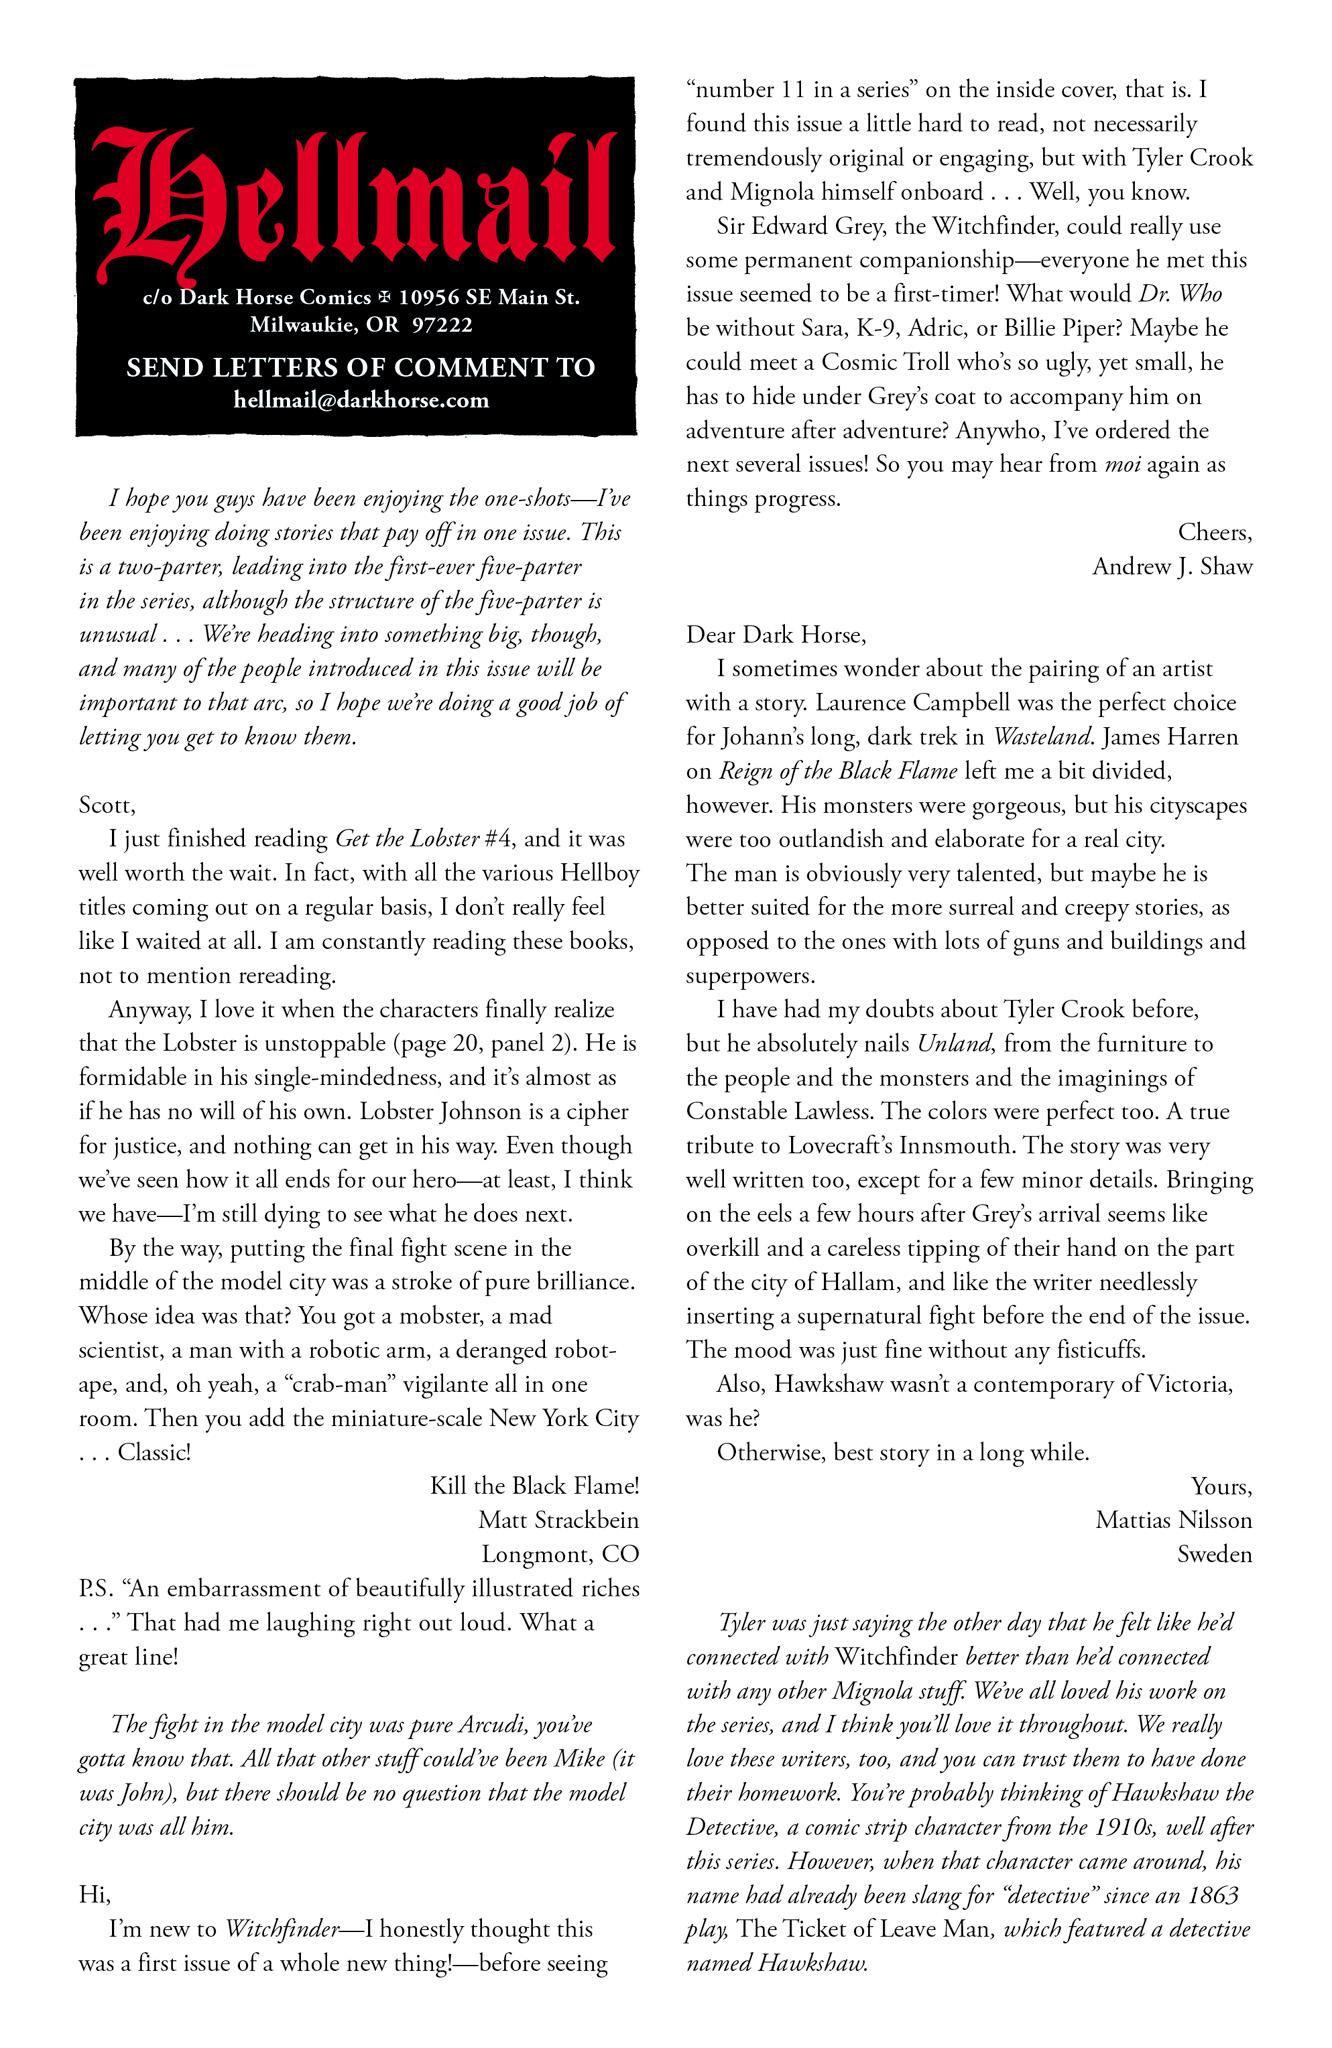 Read online Abe Sapien comic -  Issue #16 - 25